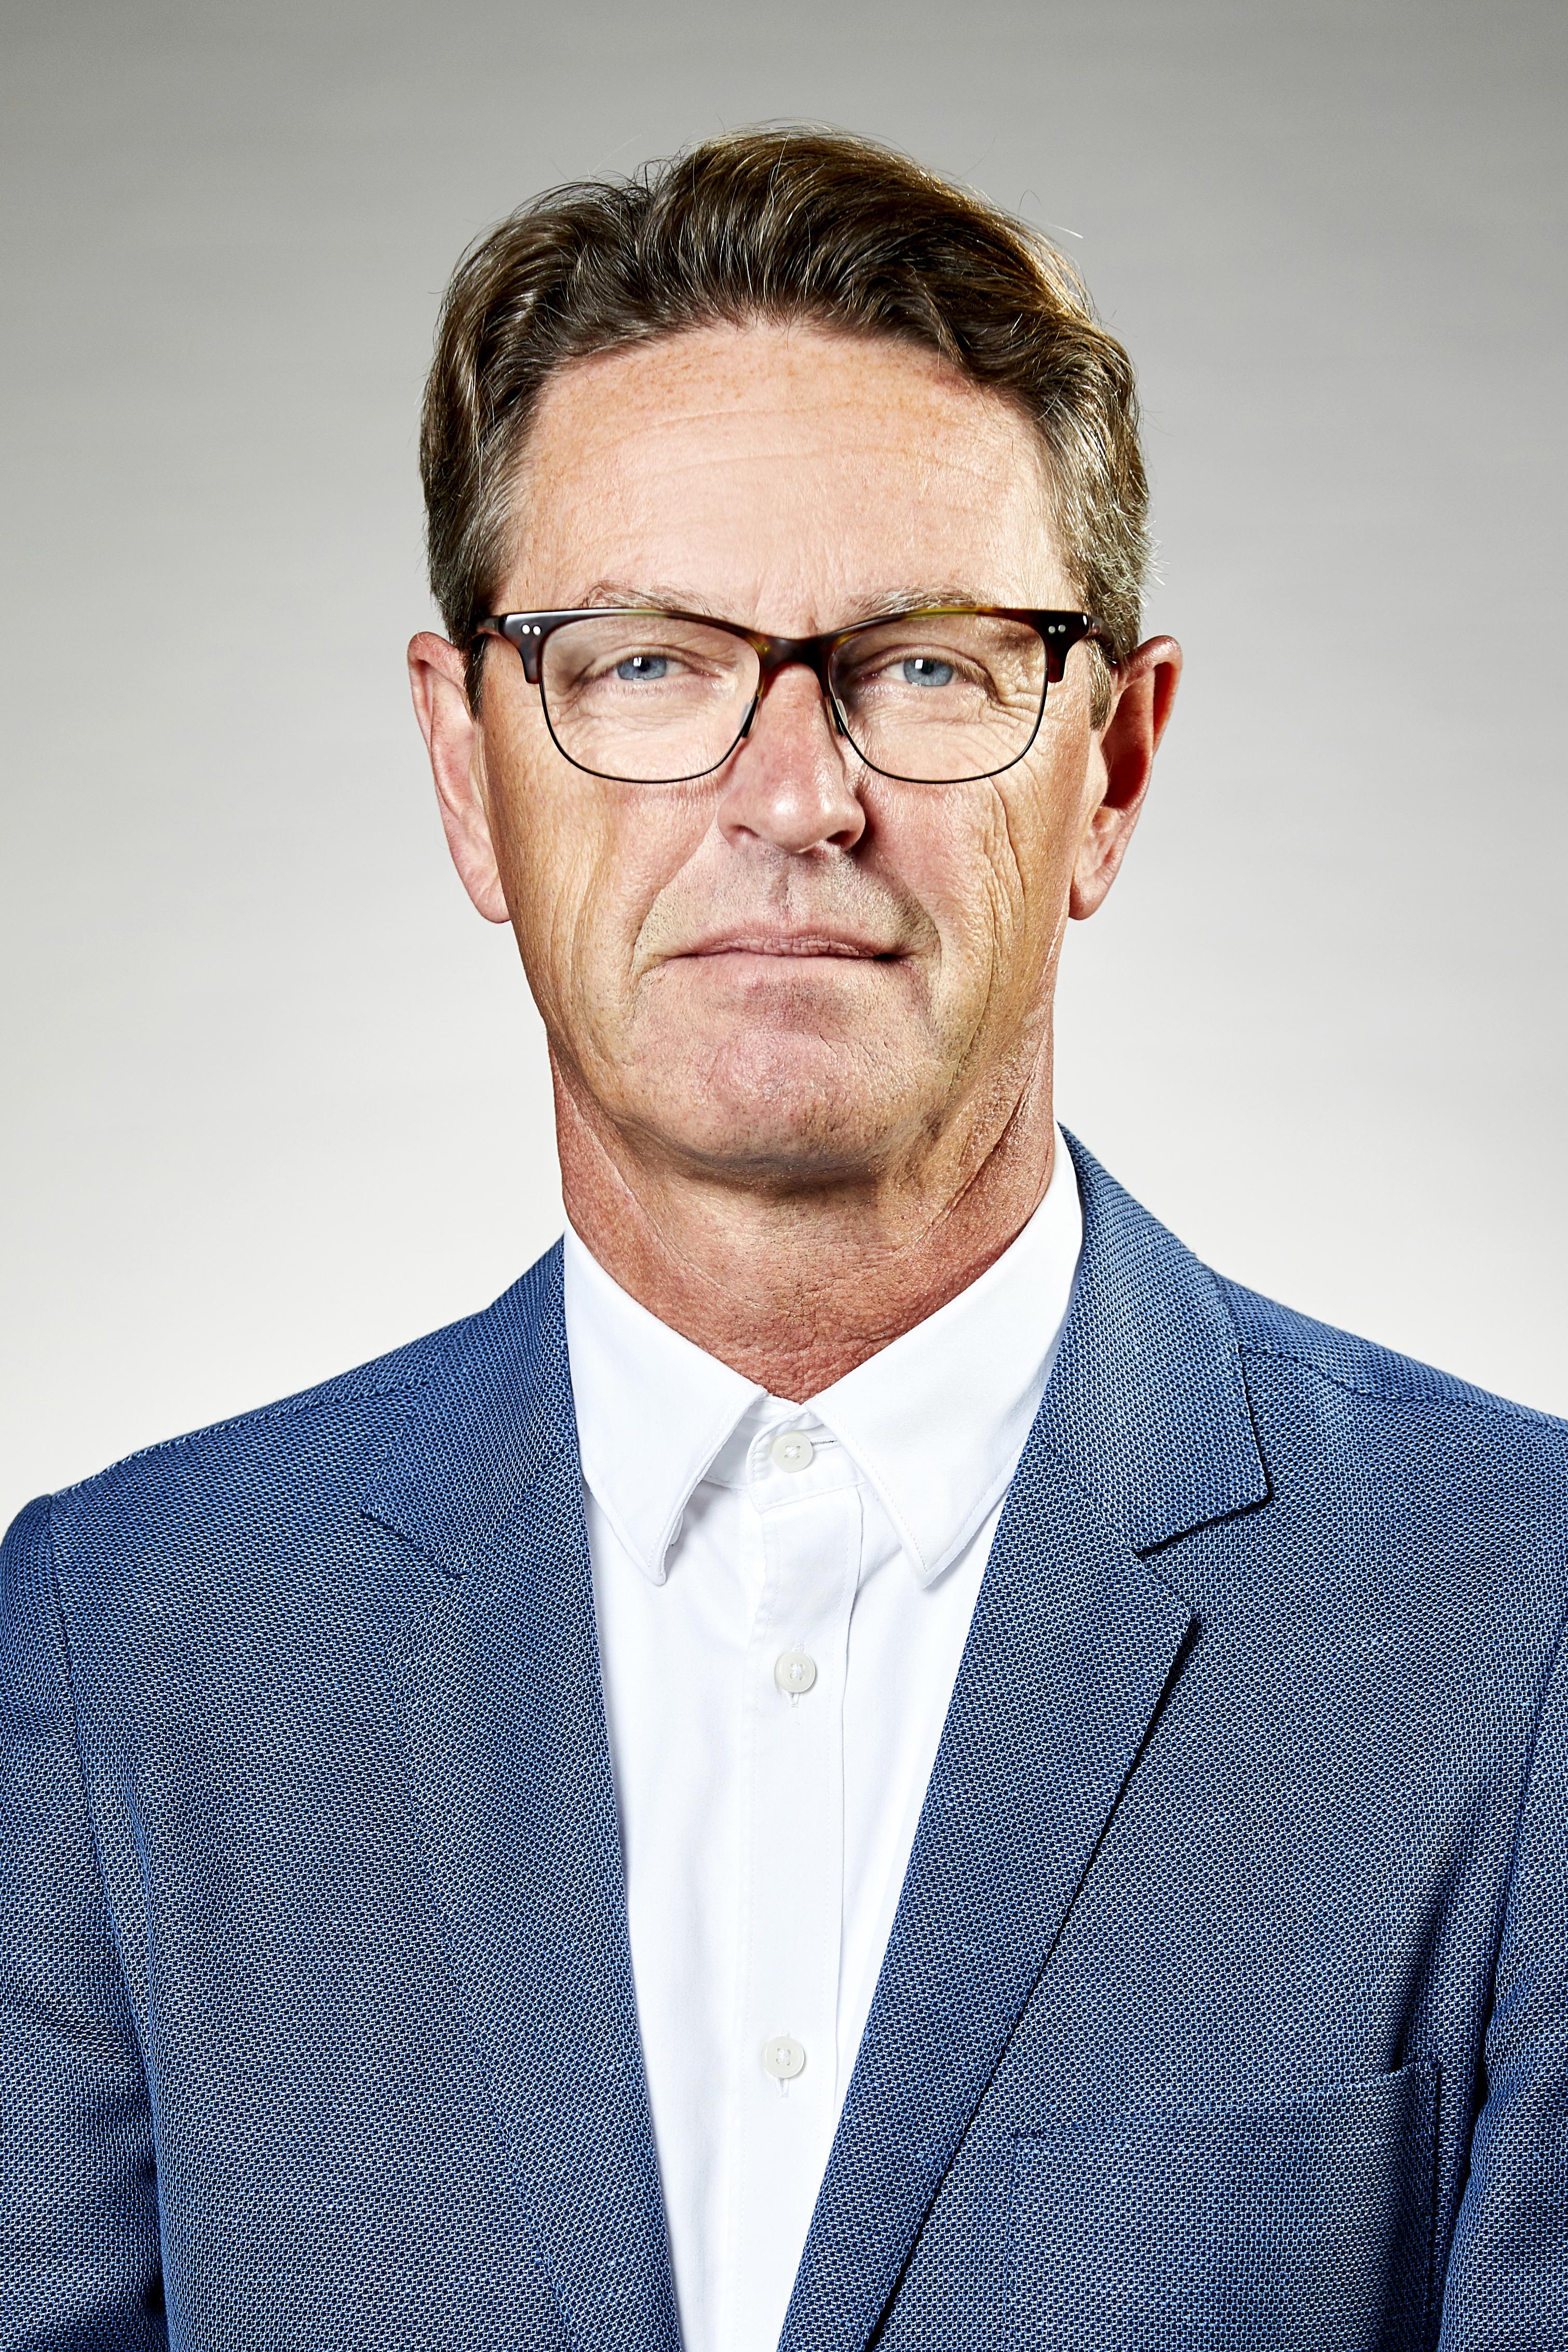 Stig Ersgard